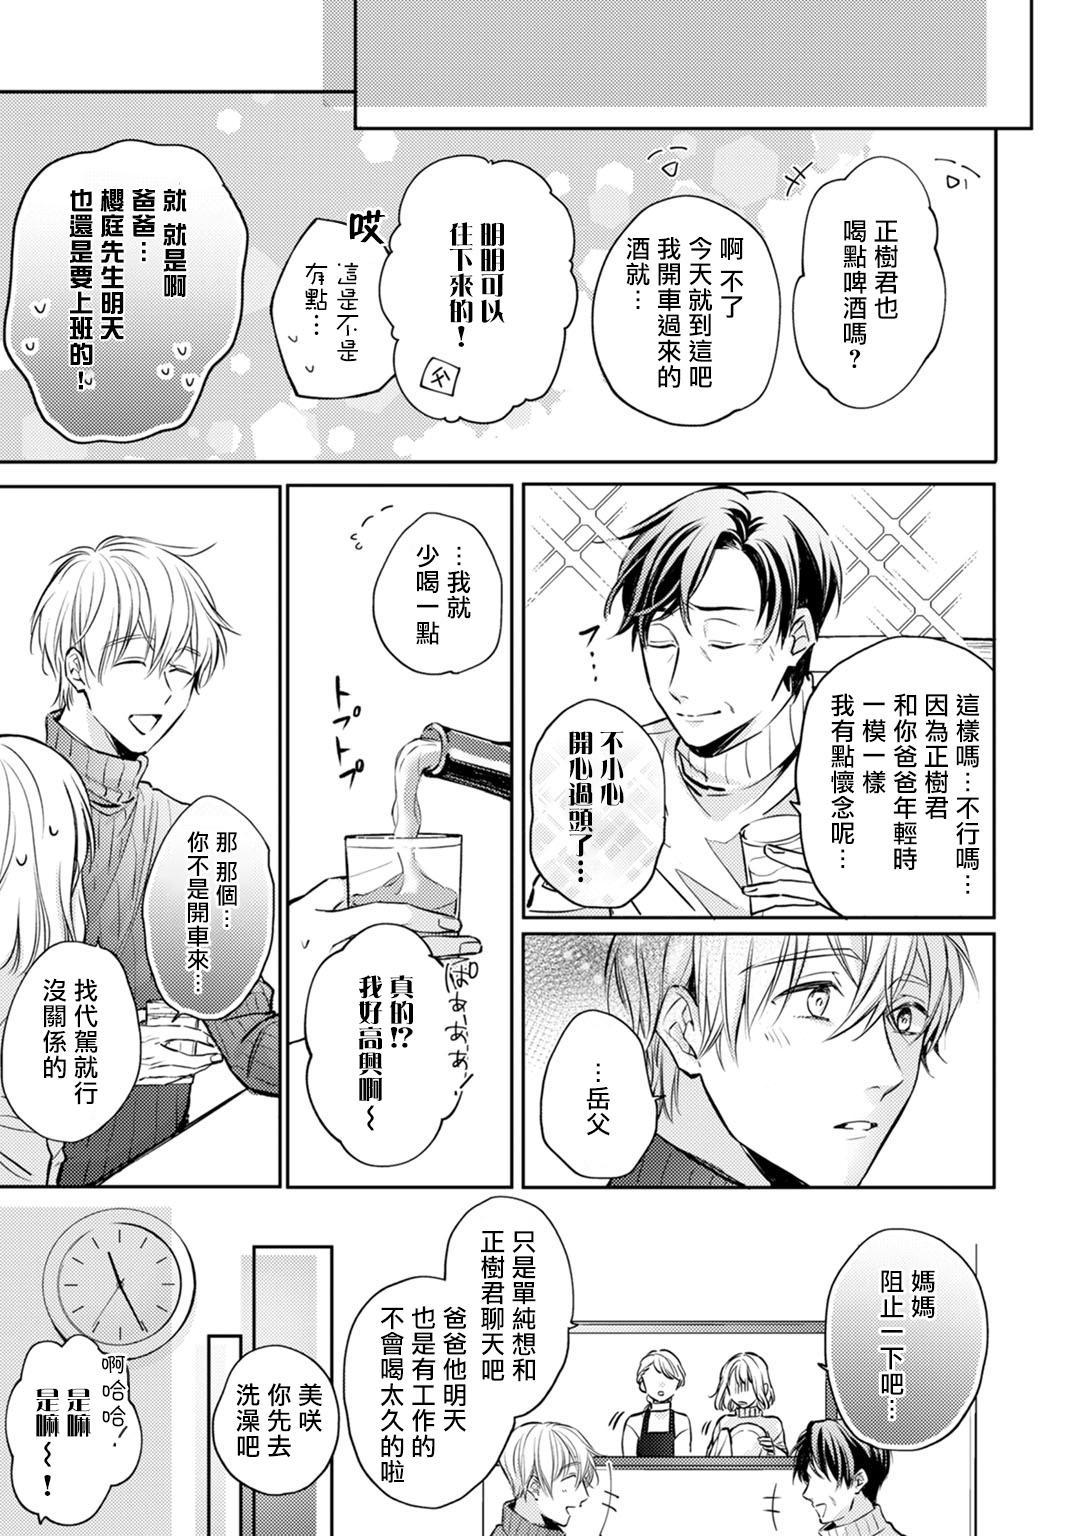 [Shichigatsu Motomi]  Sonna Kao shite, Sasotteru? ~Dekiai Shachou to Migawari Omiaikekkon!?~ 1-7 | 這種表情,在誘惑我嗎?~溺愛社長和替身相親結婚!? act.1 [Chinese] [拾荒者汉化组] 39